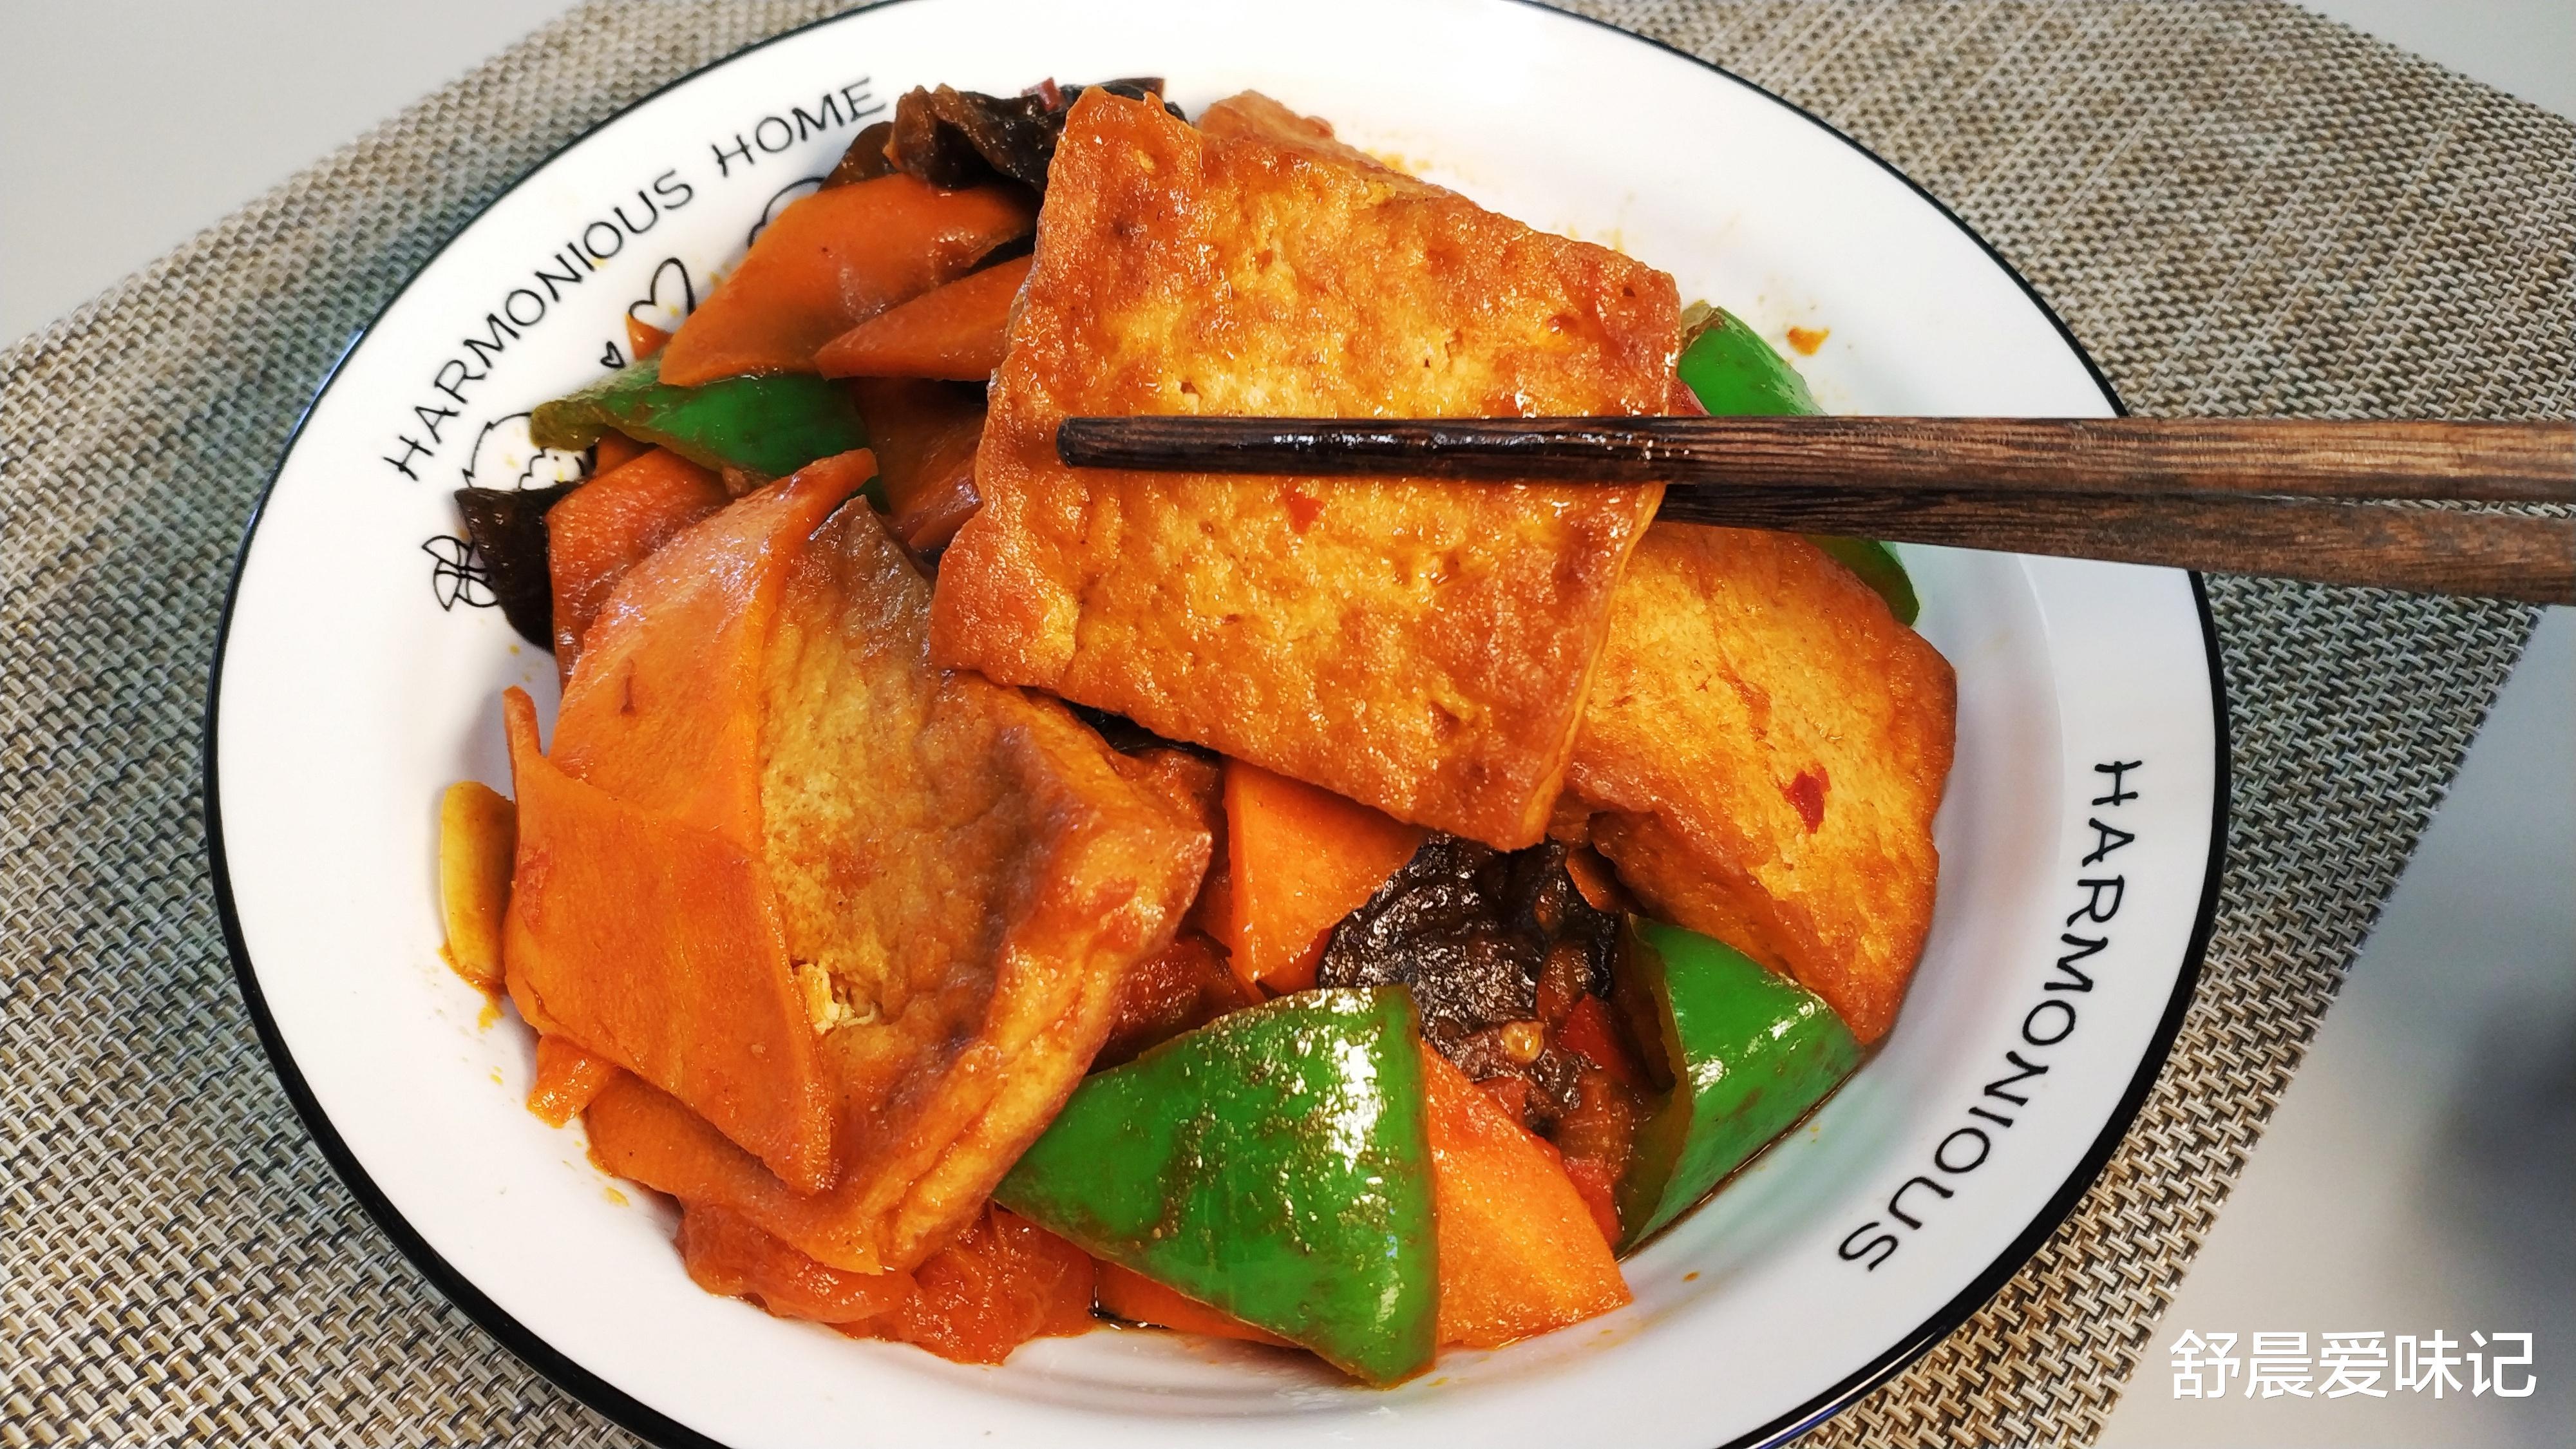 家常豆腐,地道好吃的家常菜,一煎一炒,上桌比大鱼大肉受欢迎